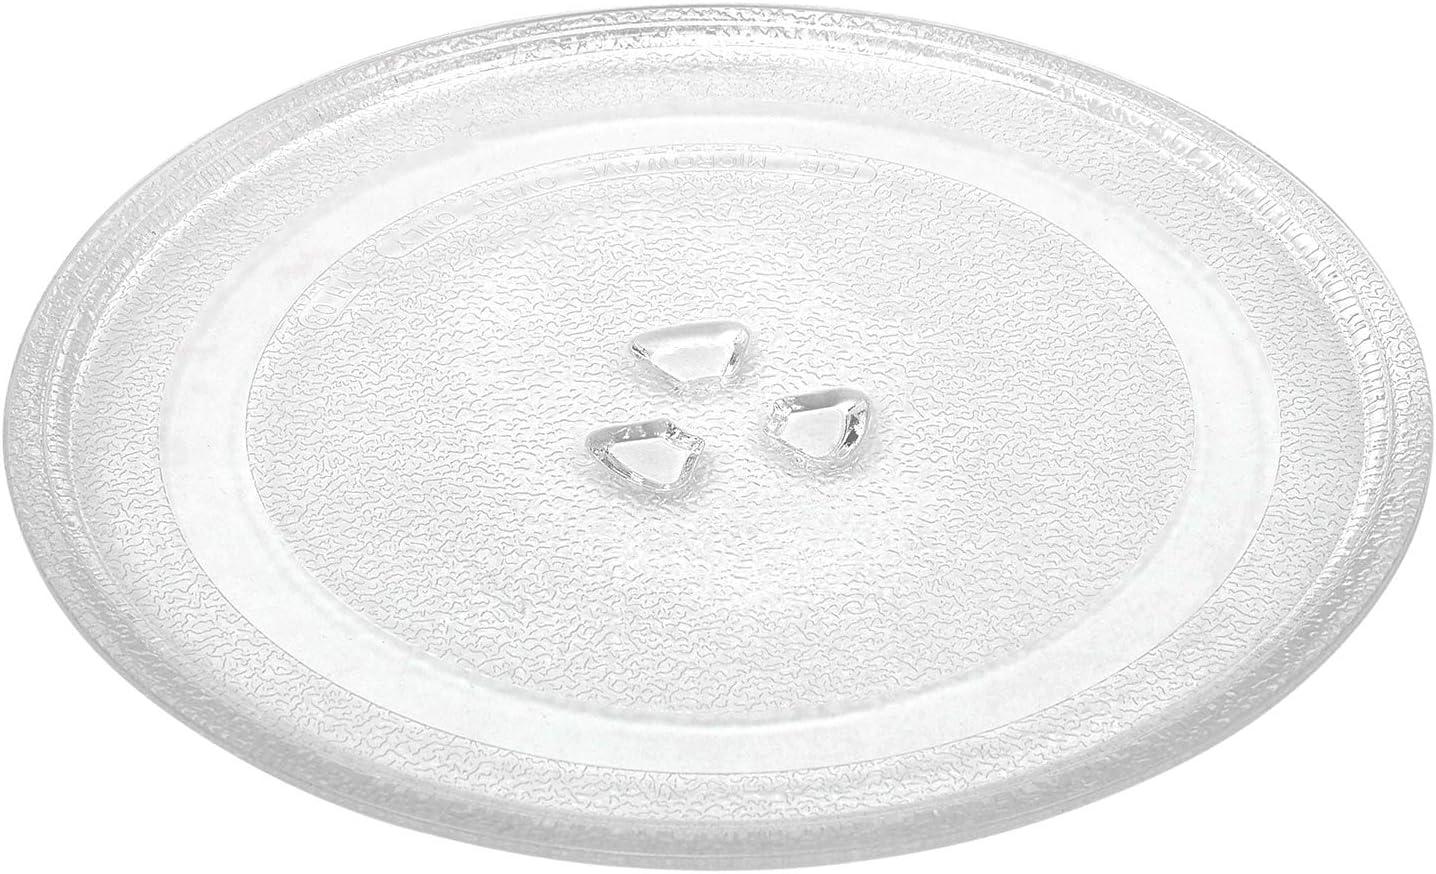 Plato Universal de Vidrio para Microondas, Universal Microondas Plato Giratorio Placa de Cristal, Incluye 3 Accesorios, de 305 mm